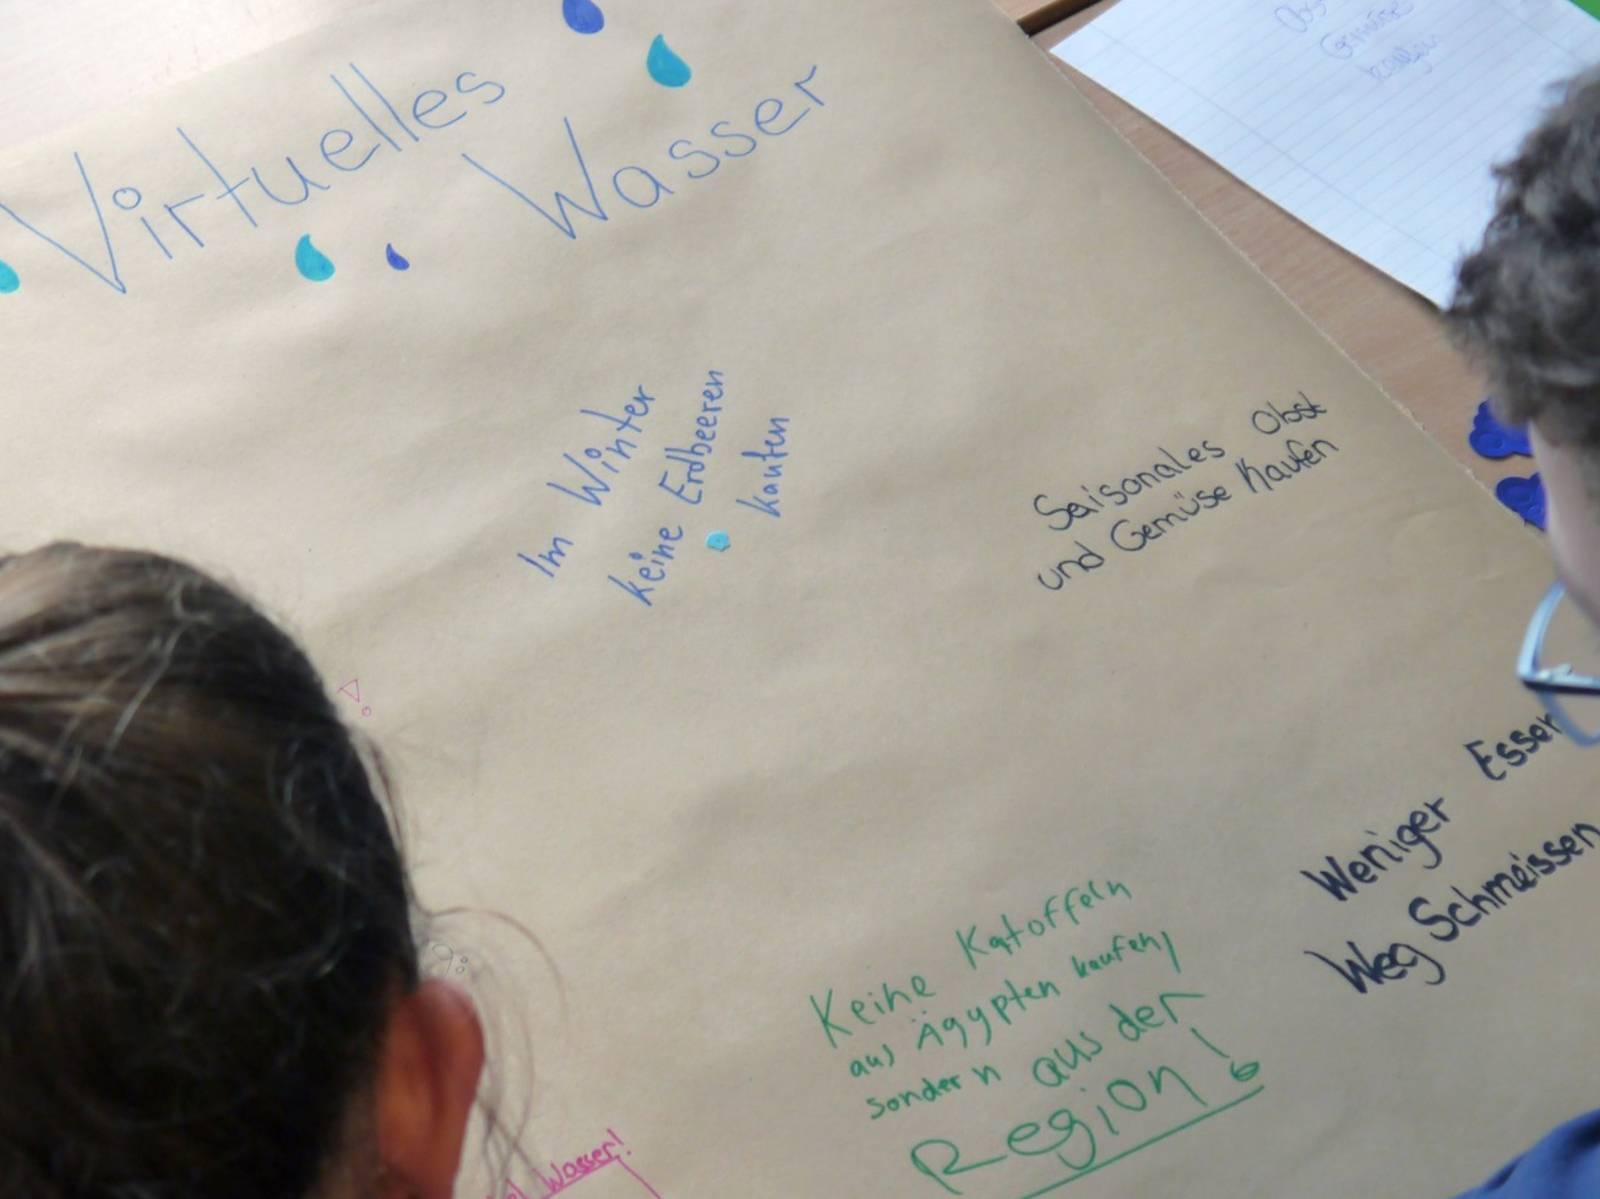 Ein Mädchen und ein Junge sitzen an einem Tisch, auf dem eine große Papierrolle liegt; sie beschriften sie mit Ideen zur Reduzierung des Wasserverbrauchs.